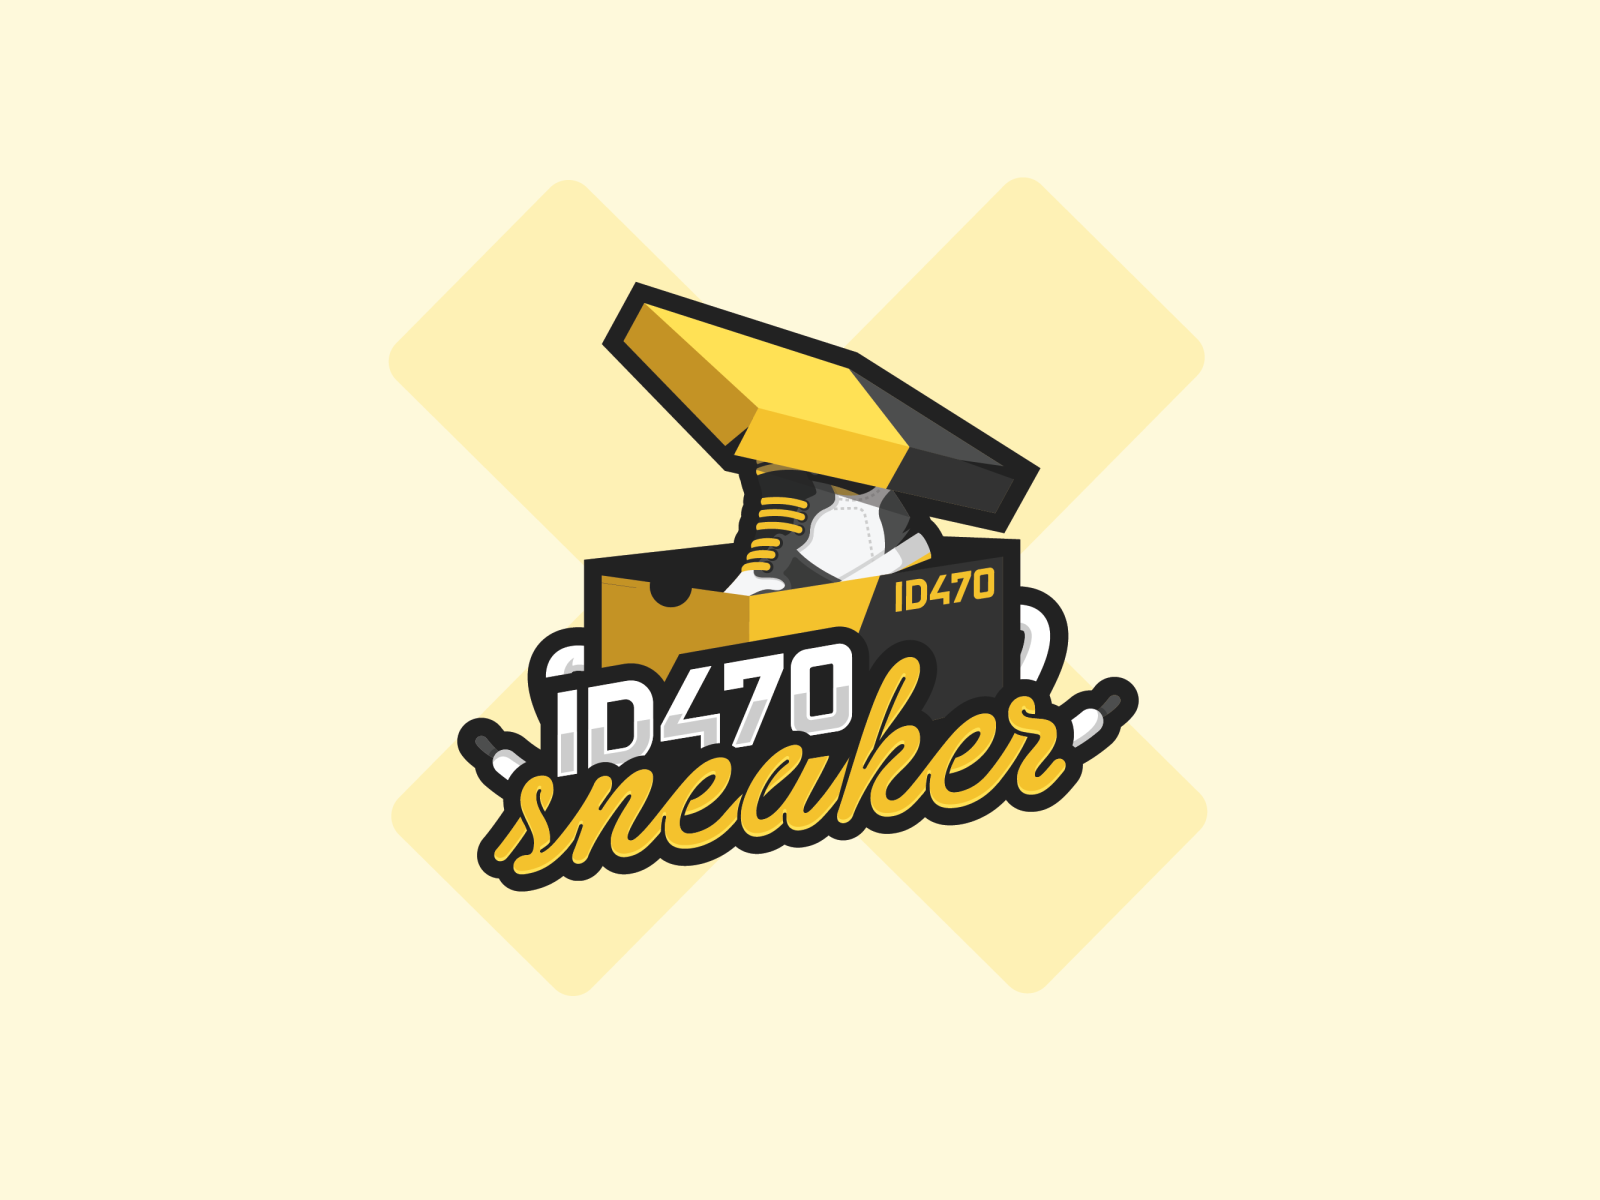 ID470 Sneaker logo by FlowBackward on